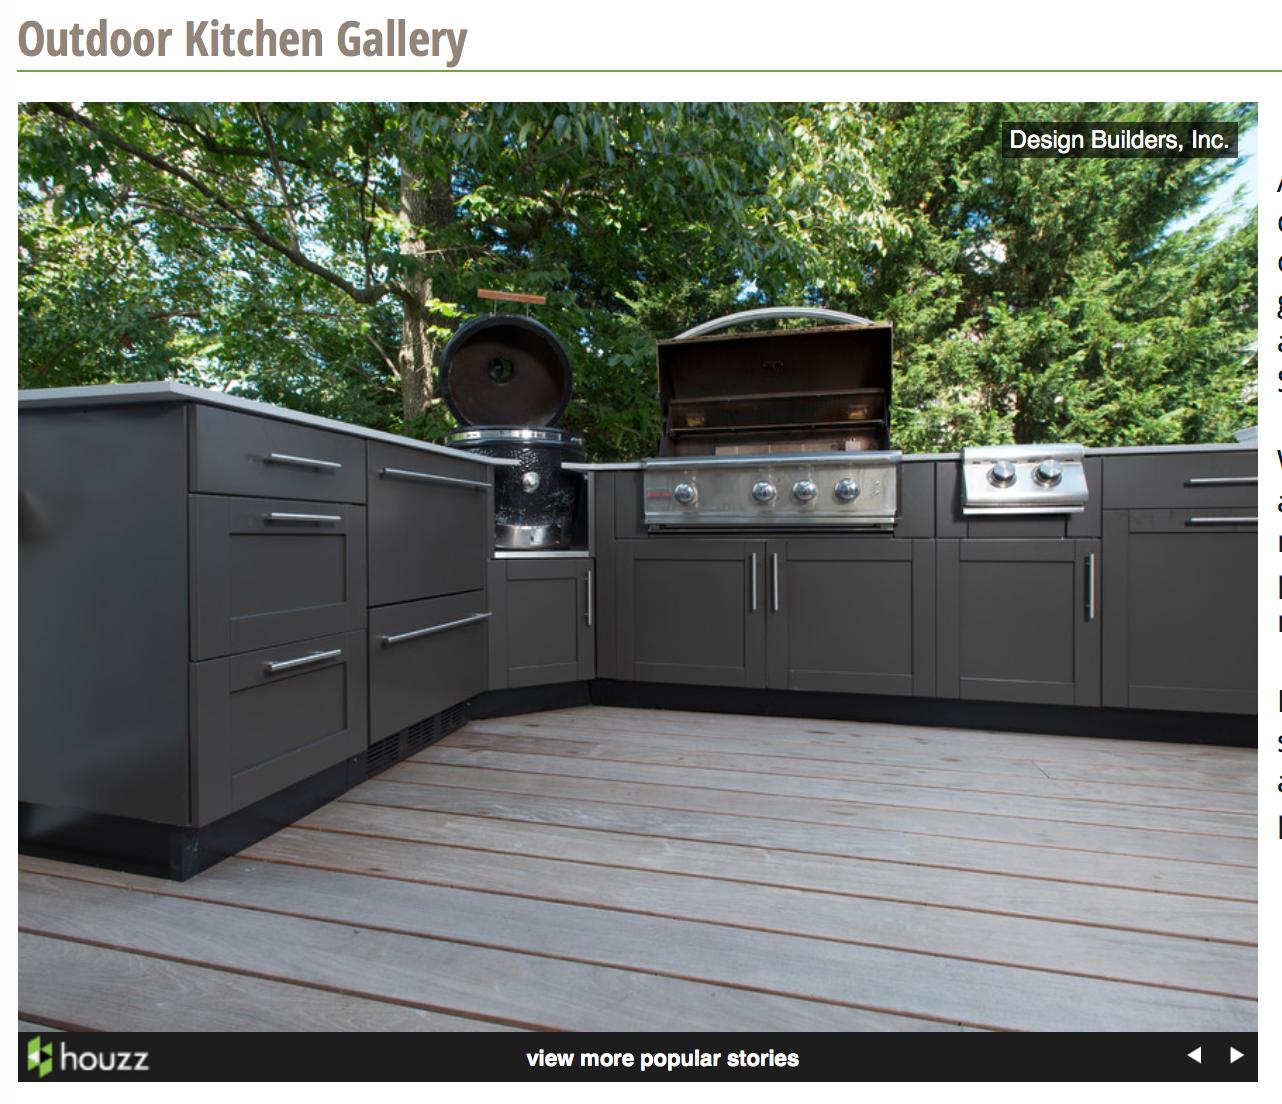 Pin by mala vasan on outdoor kitchen pinterest kitchens